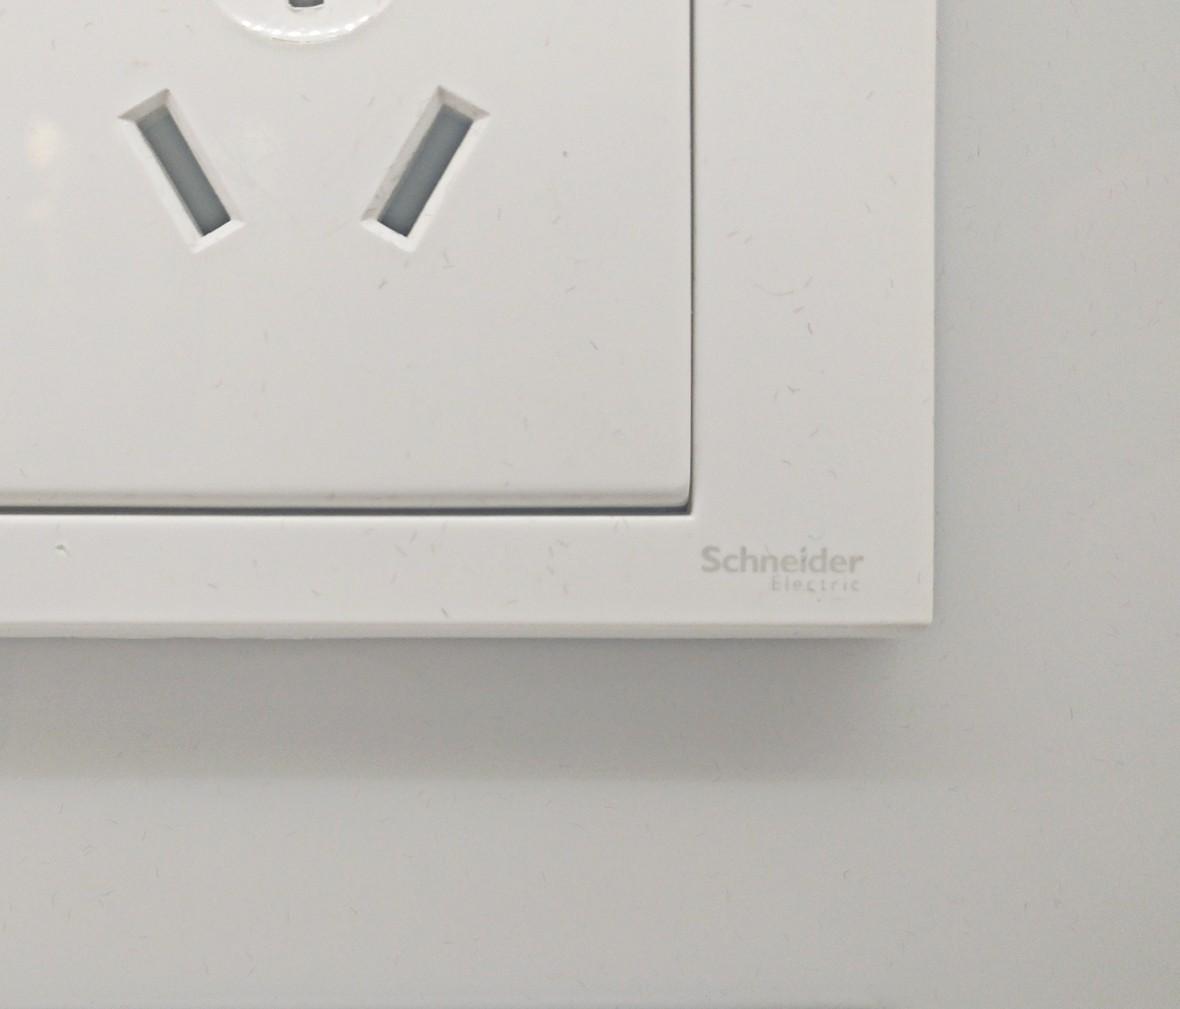 施耐德 如意系列 三孔插座 PC材质 耐高温 防漏电 安全插座